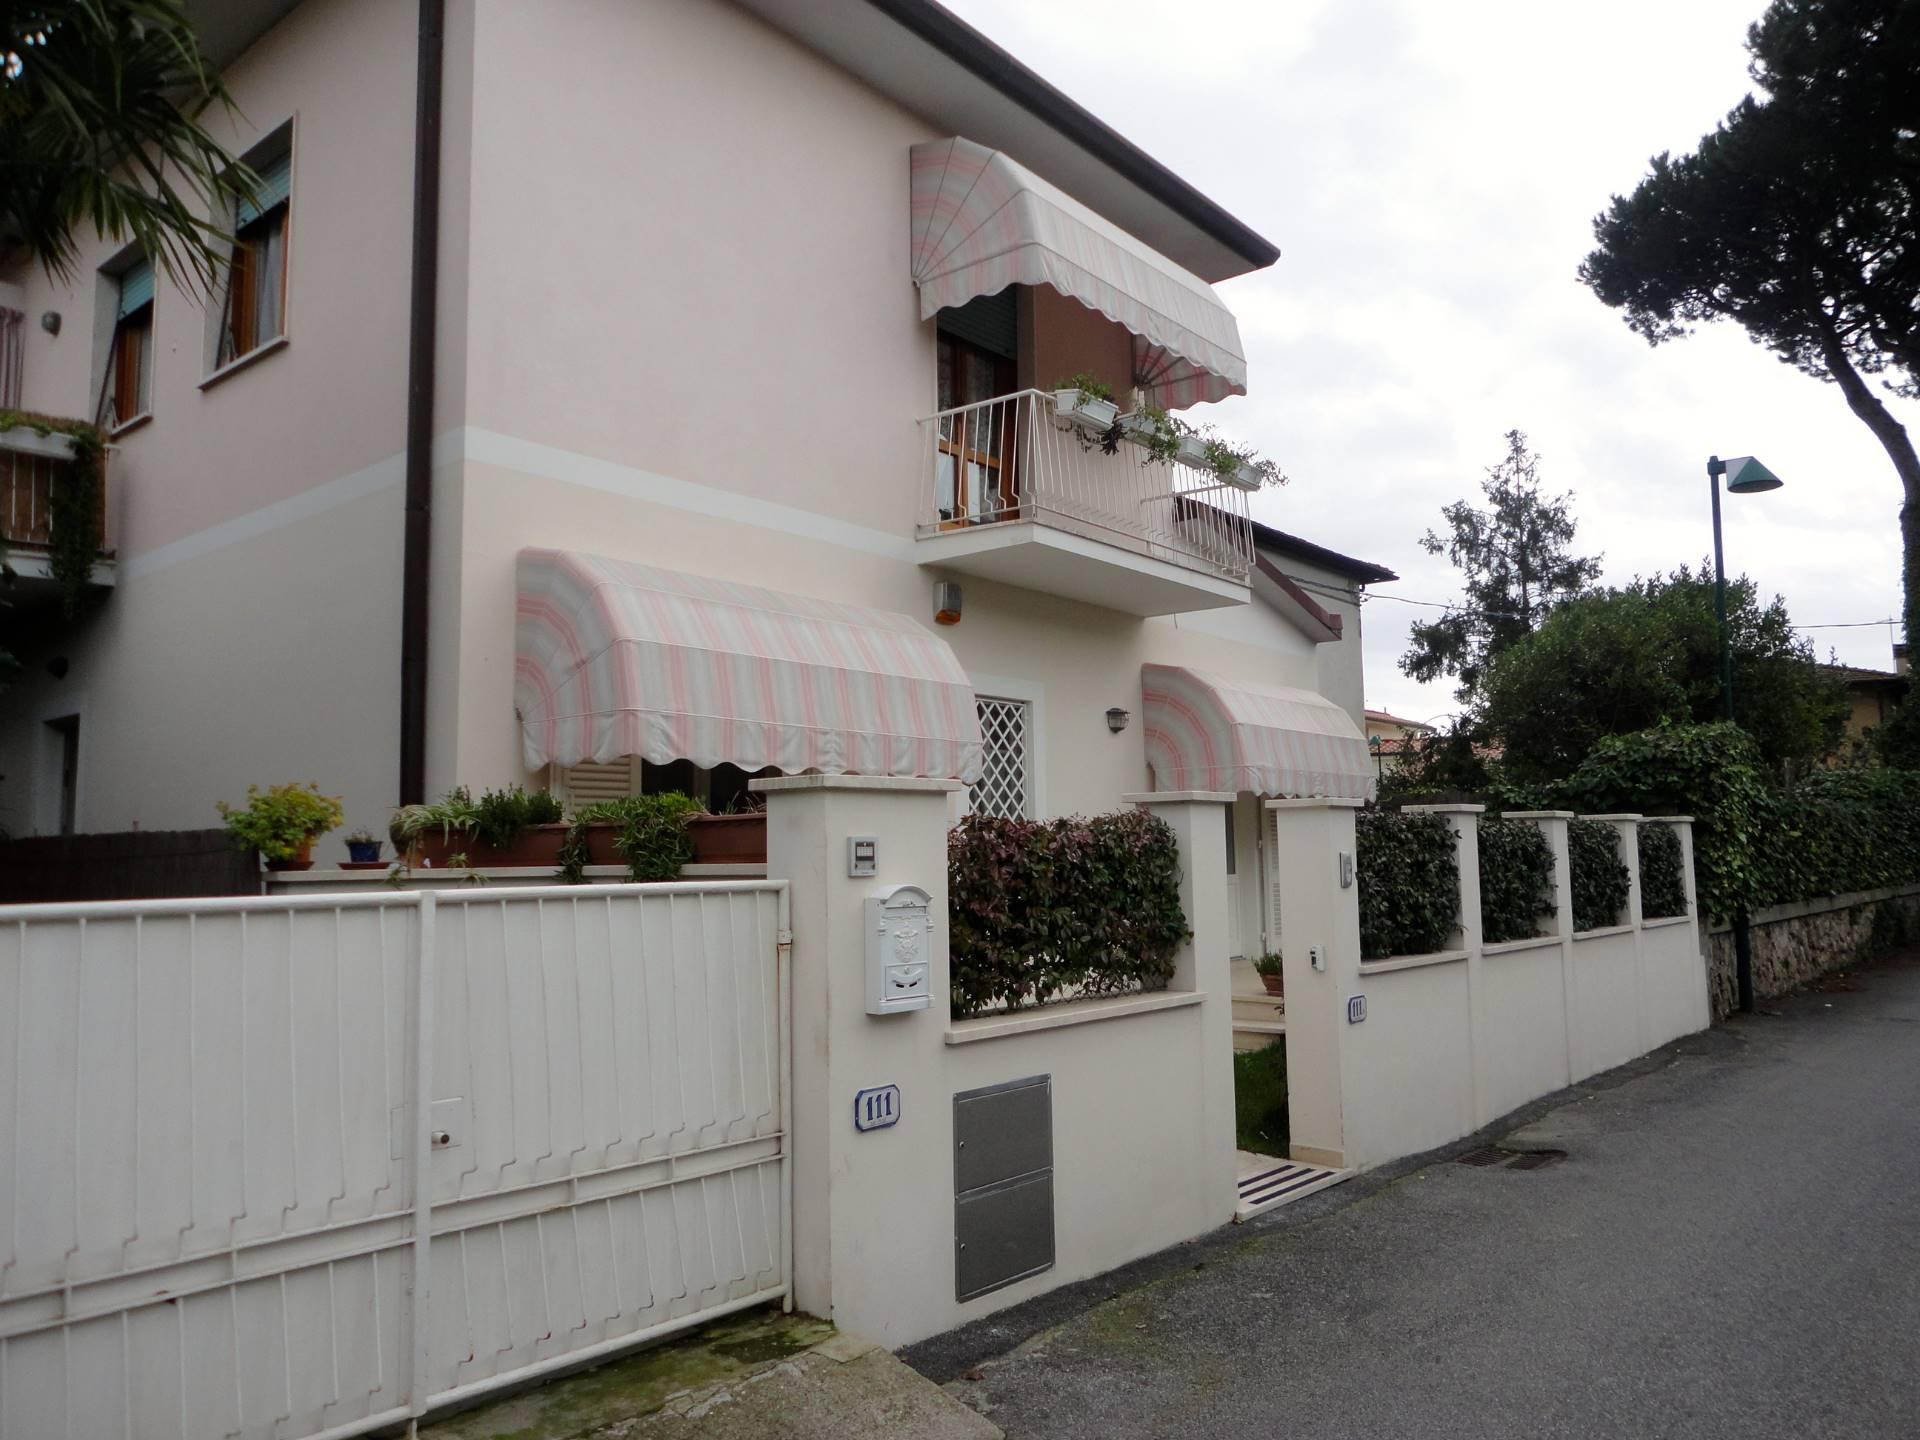 Appartamento in affitto a Forte dei Marmi, 4 locali, zona Zona: Centro, Trattative riservate   Cambio Casa.it